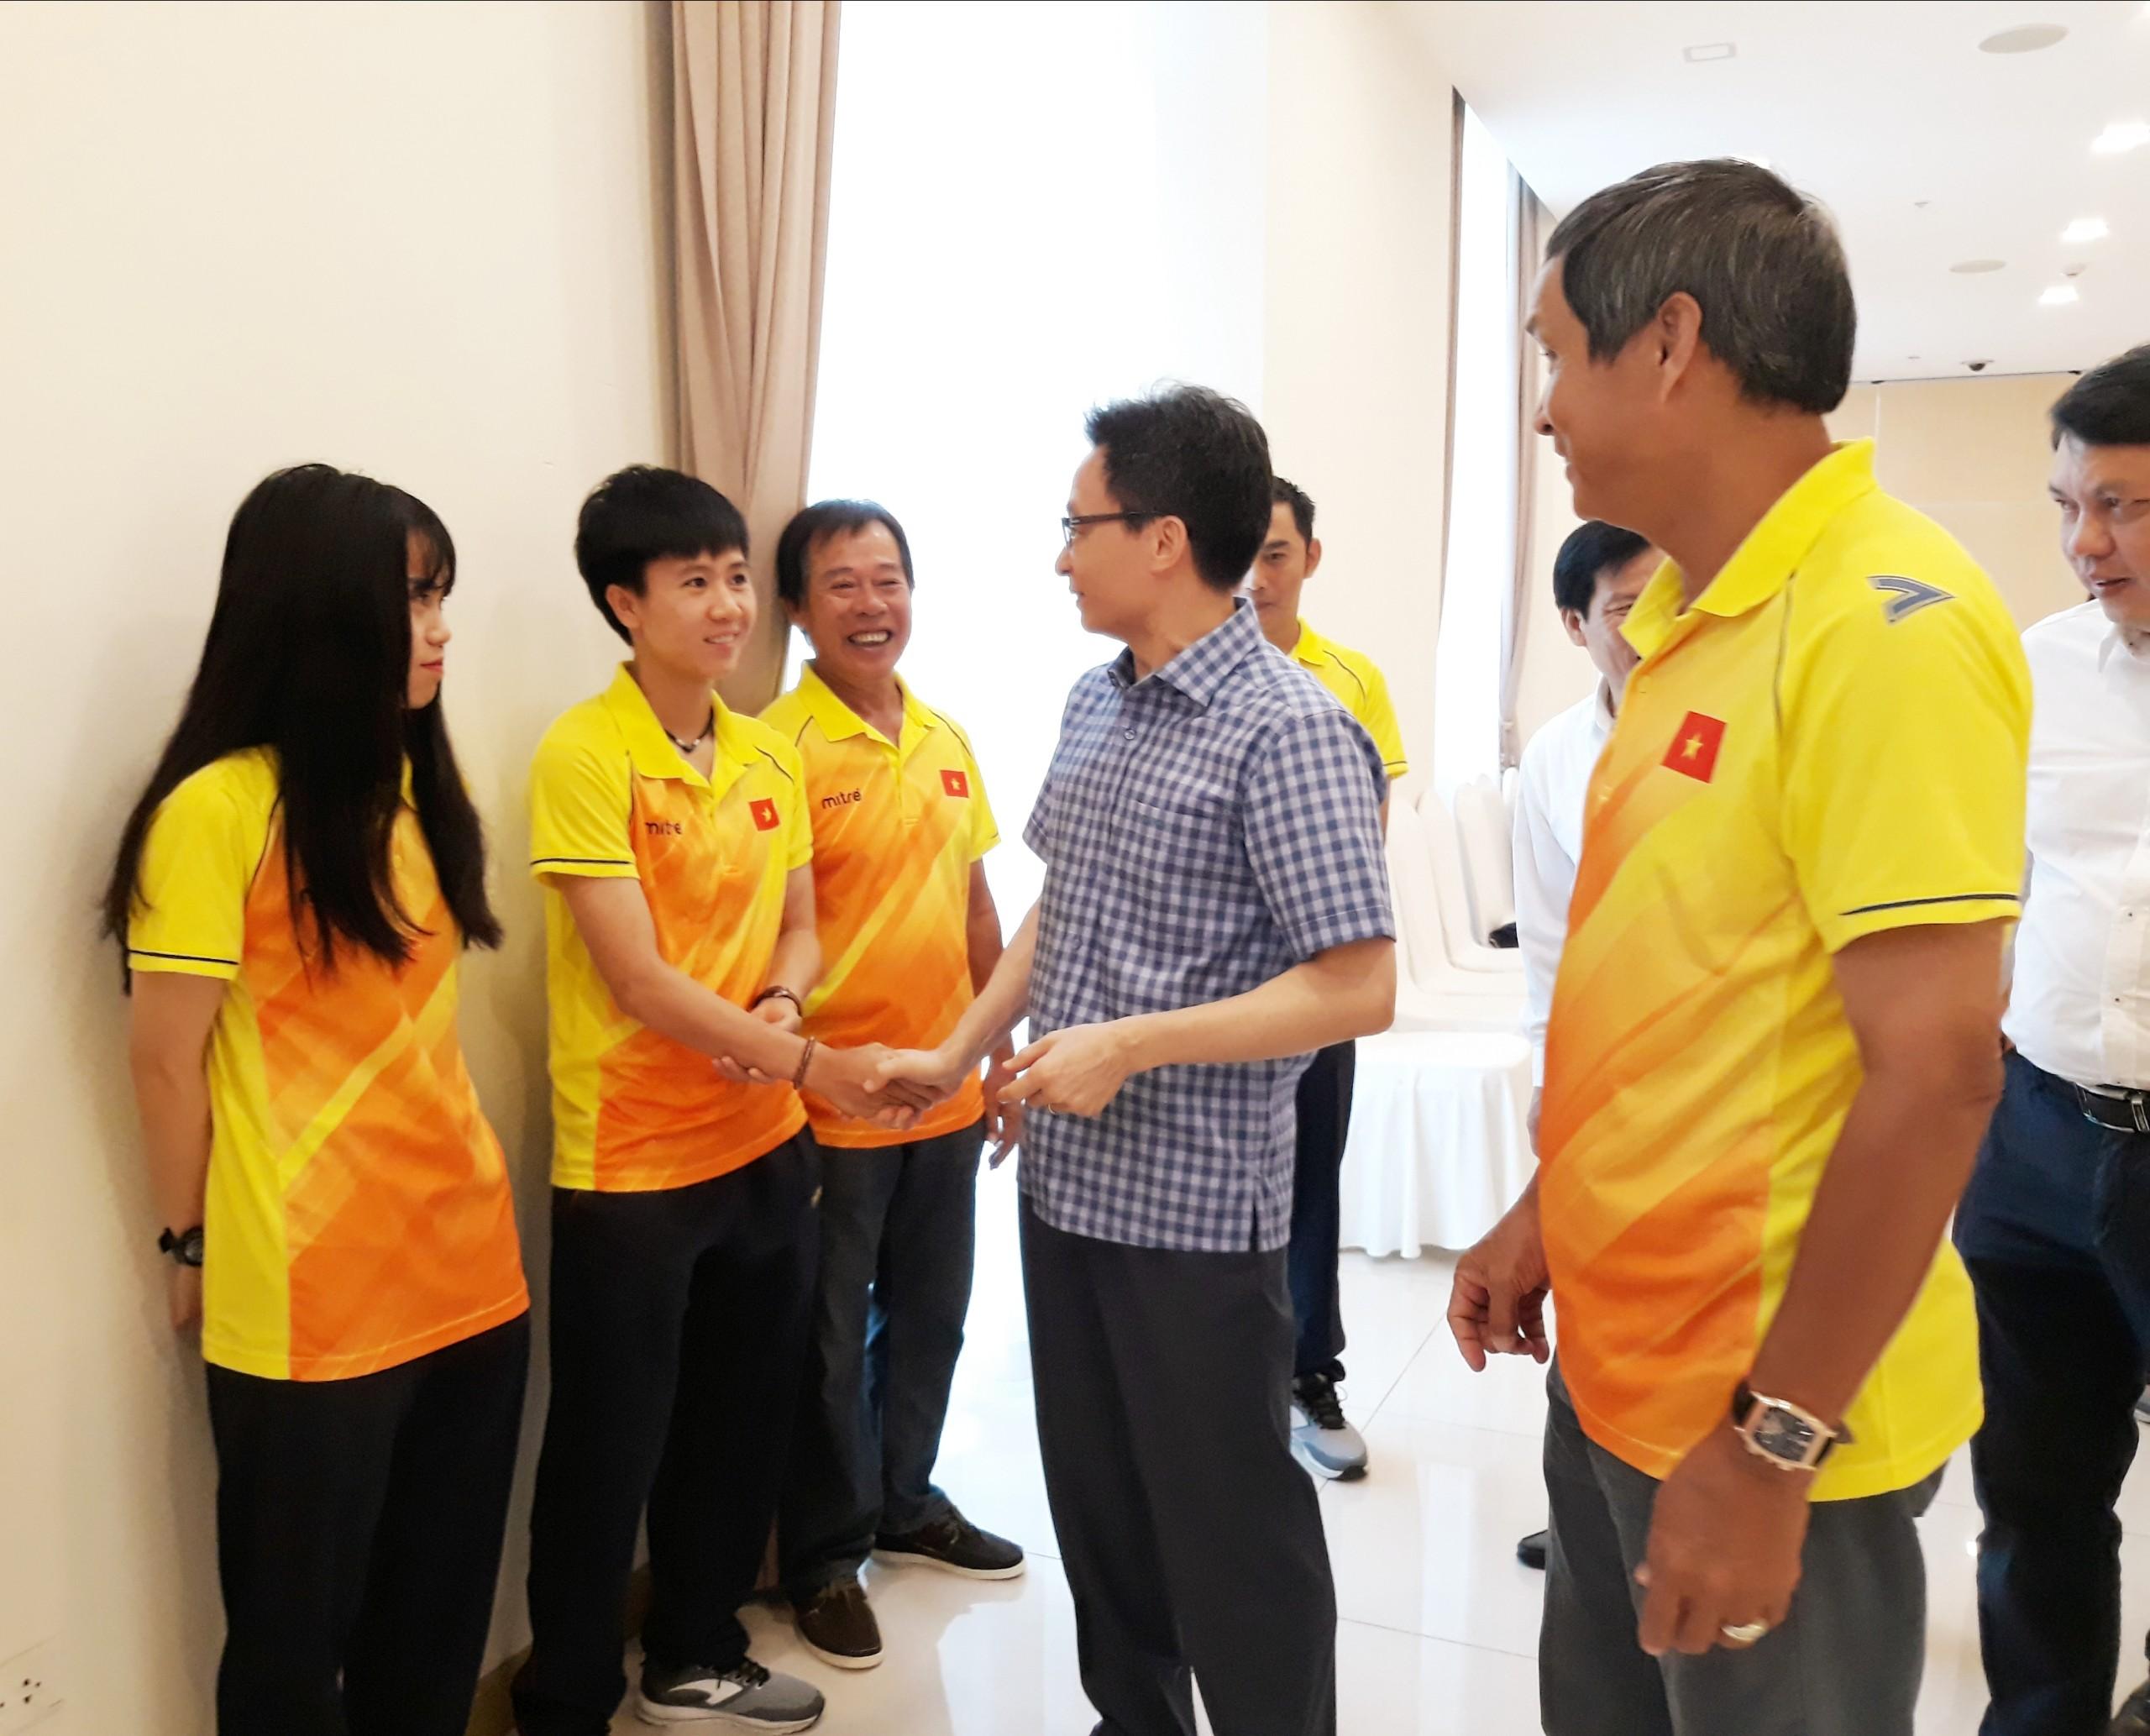 Phó Thủ tướng Chính phủ Vũ Đức Đam gặp mặt đội tuyển nữ Việt Nam